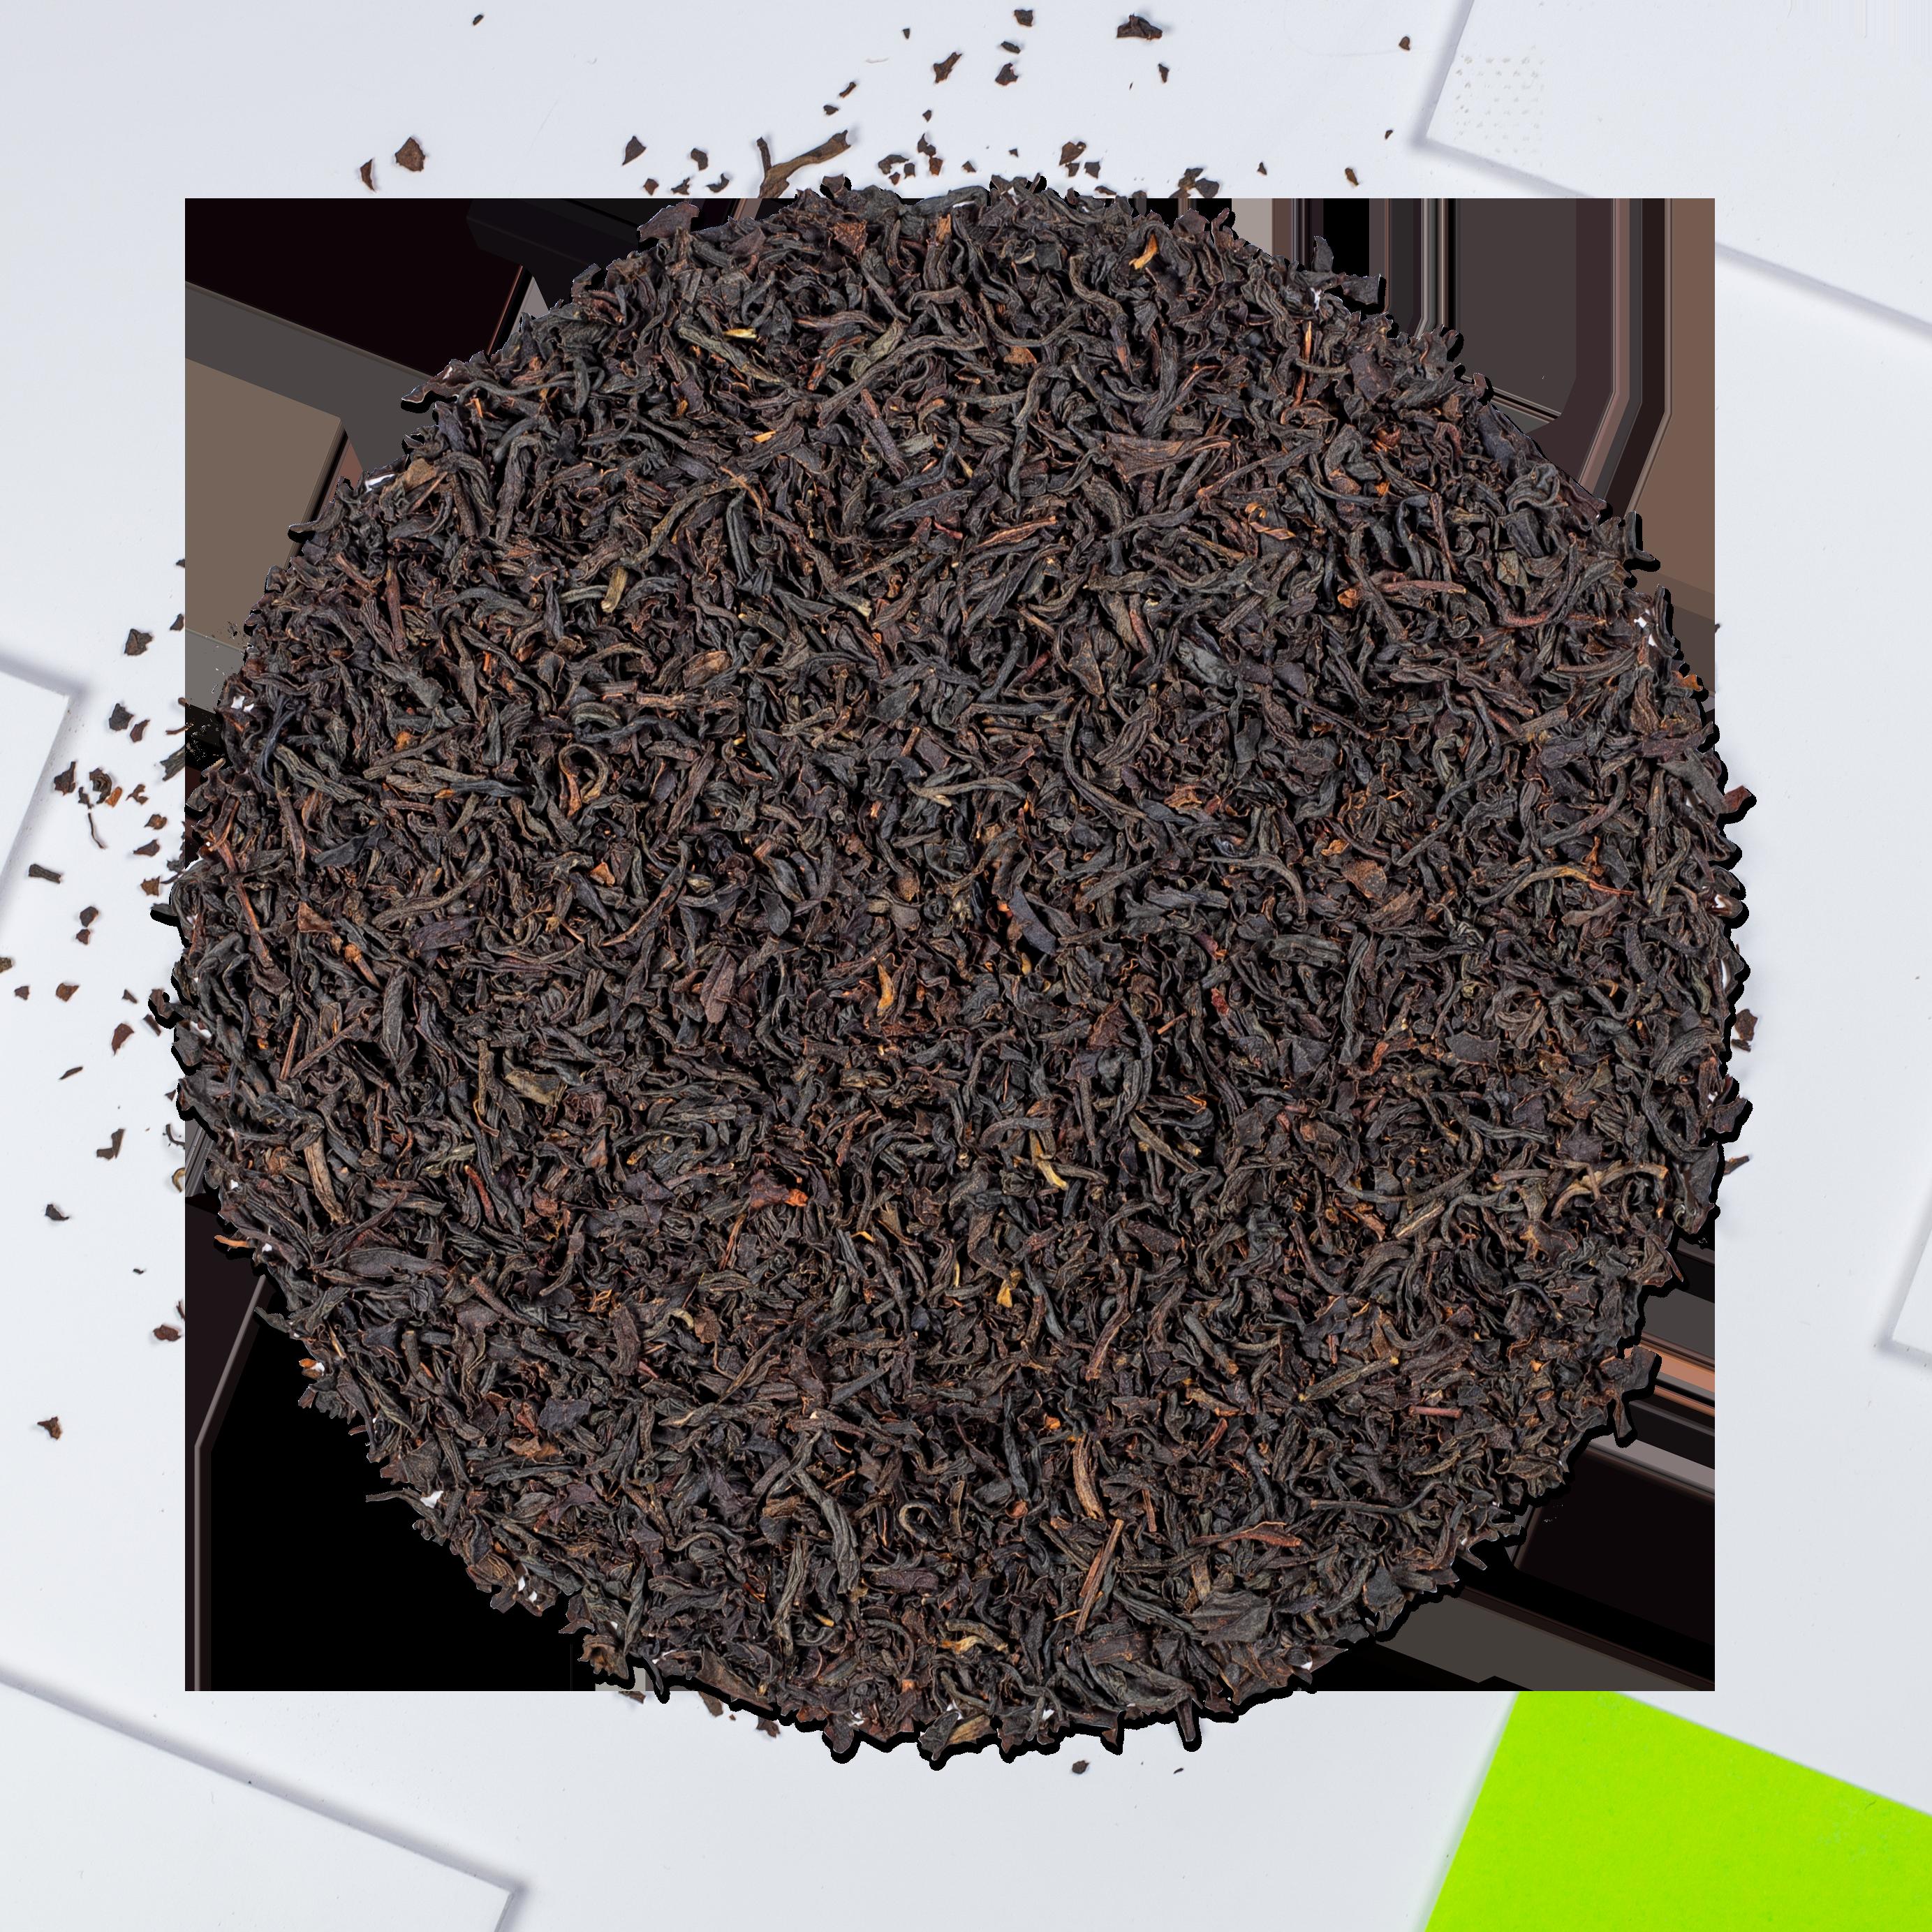 Earl Grey - Earl Grey déthéiné aux agrumes - Vrac - Kusmi Tea